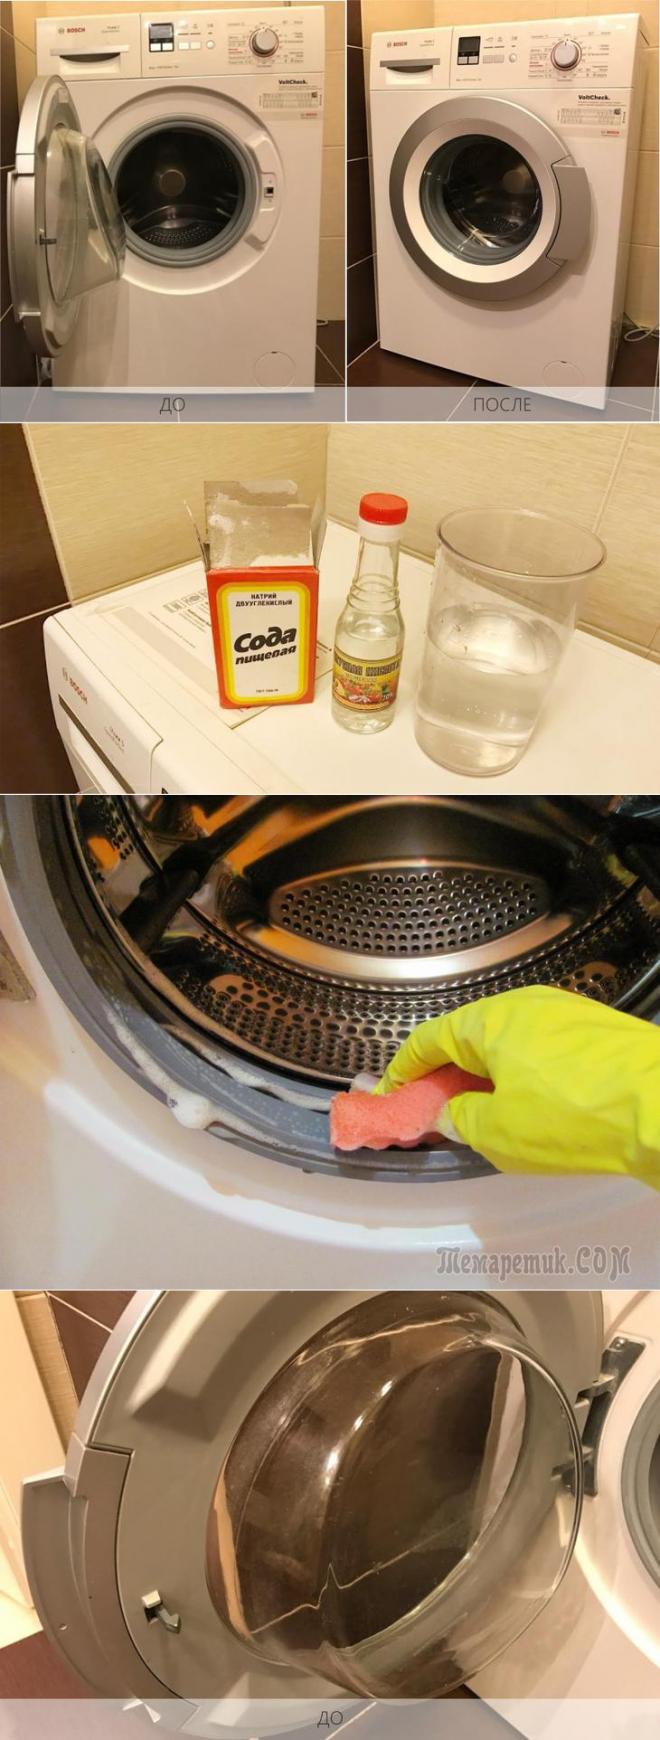 Как очистить стиральную машинку автомат от накипи лимонной кислотой